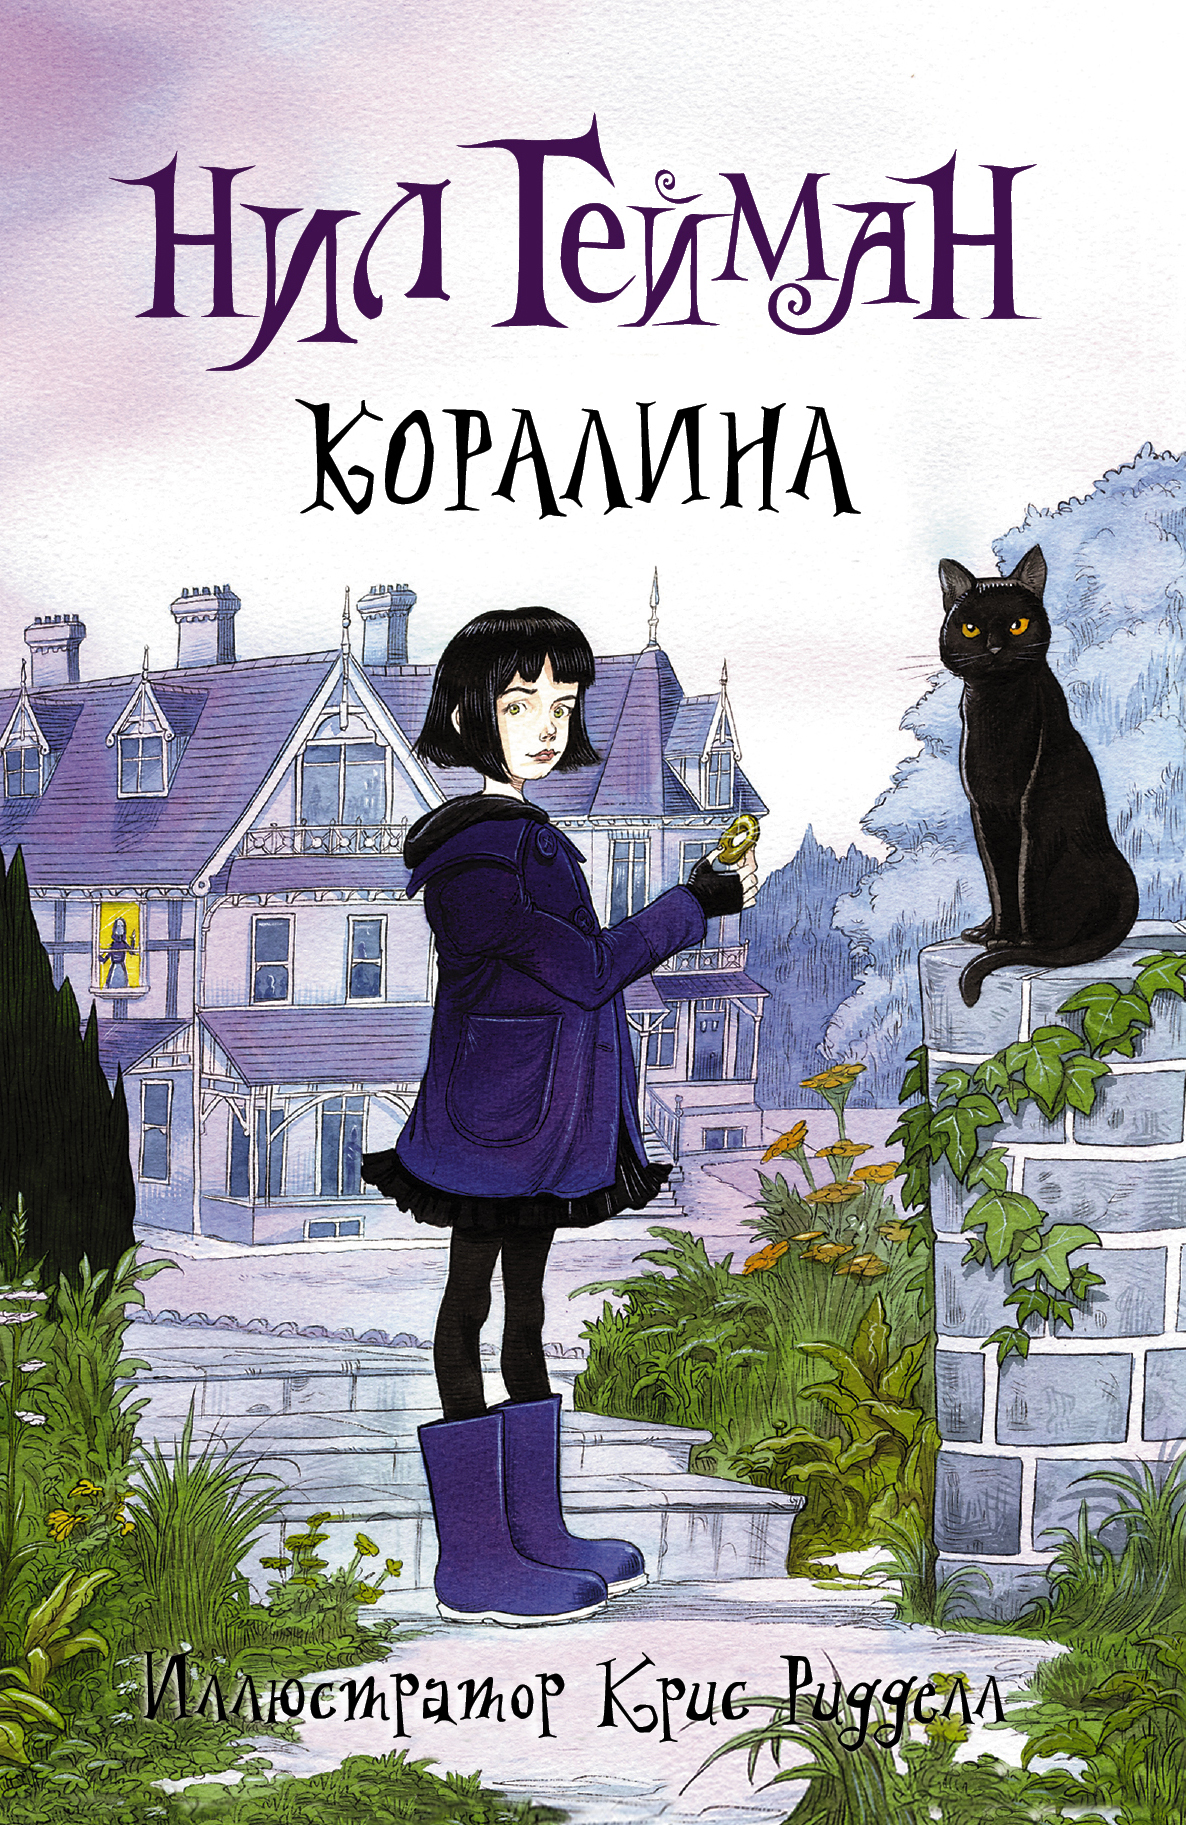 Книга на русском языке «Коралина» Гейман Нил